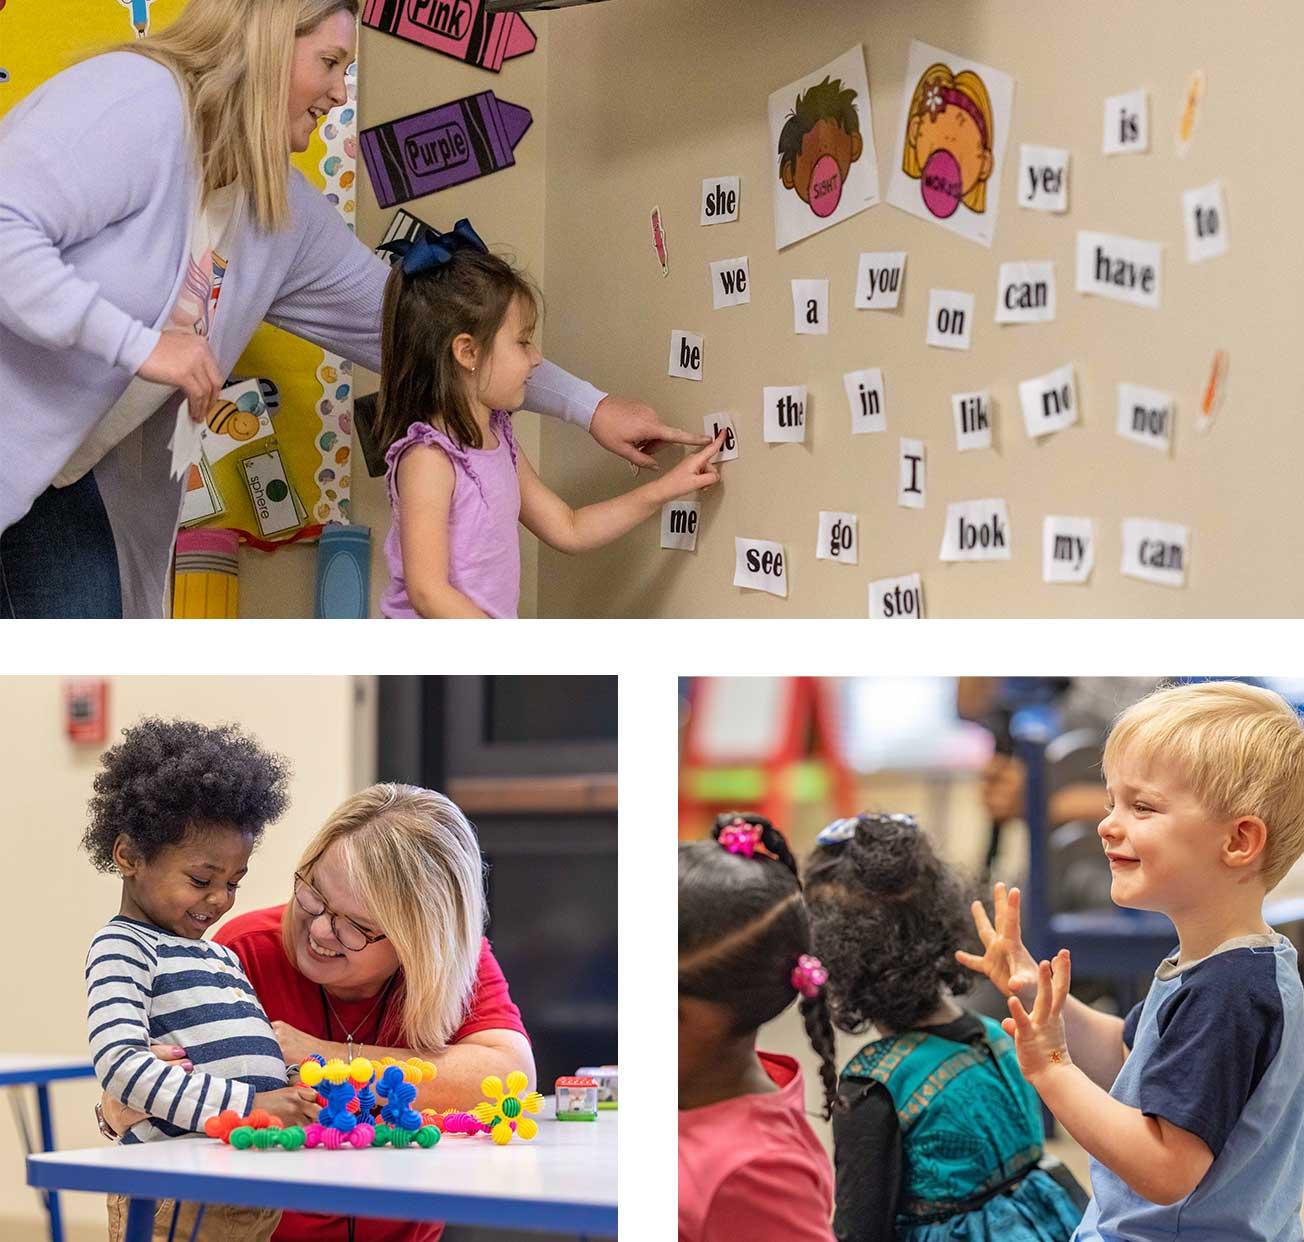 fotos: Clases y estudiantes de Preescolar Pals